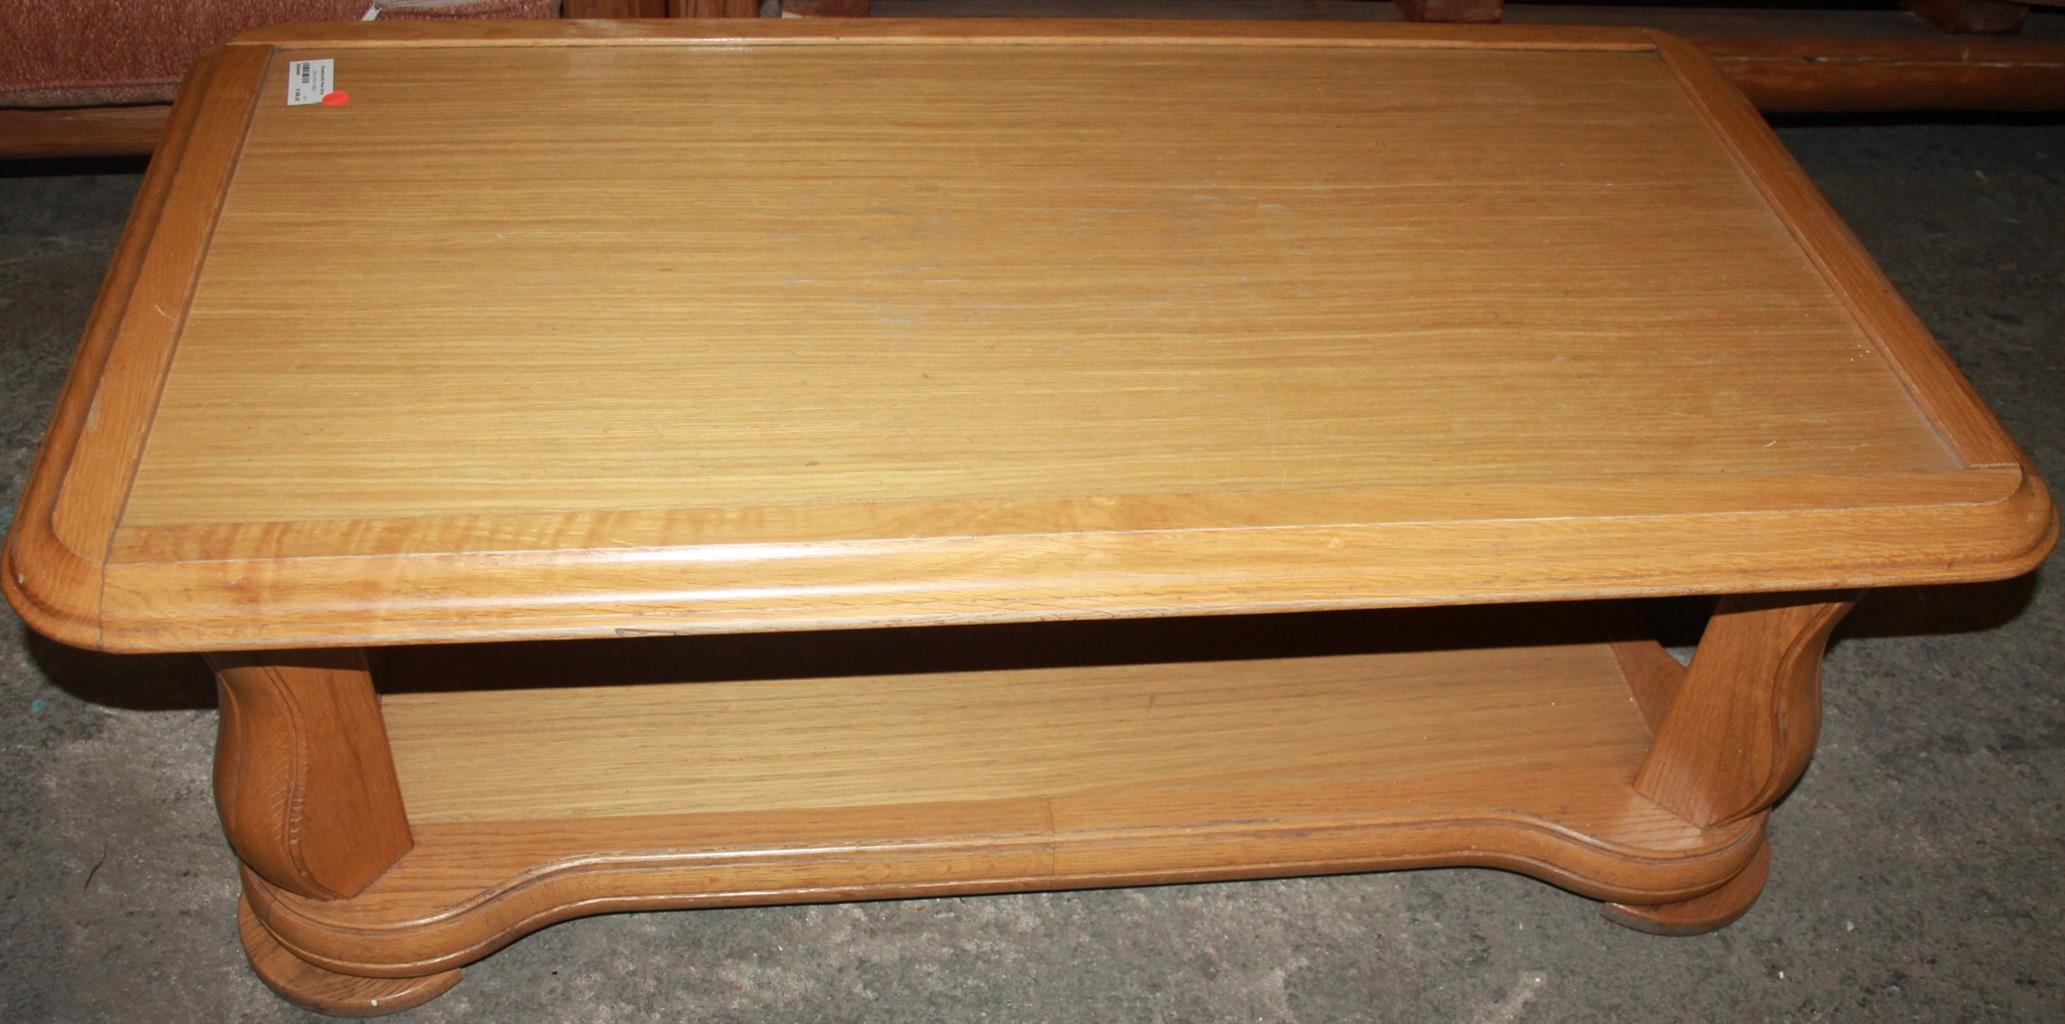 Oak coffee table S025444b #Rosettenvillepawnshop